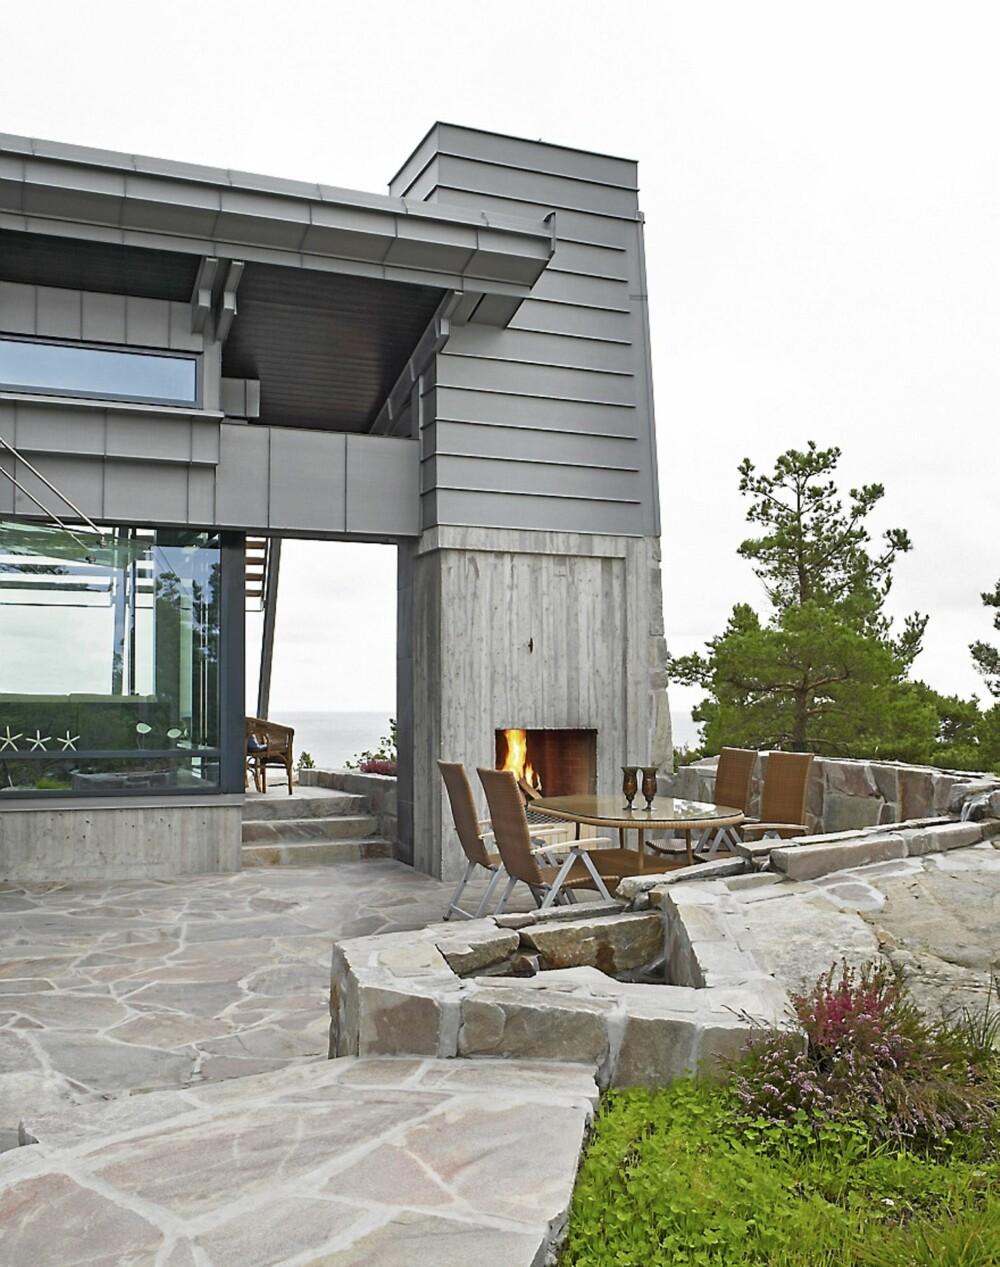 UTEROM: Peisen er en del av takets bærekonstruksjon. Den utvendige formen på bygningen skaper rom ute. Om det blåser påfremsiden, trekker familiengjerne hit. Skiferen er hentet fra et stedlandsdelen, nærmere bestemt Froland